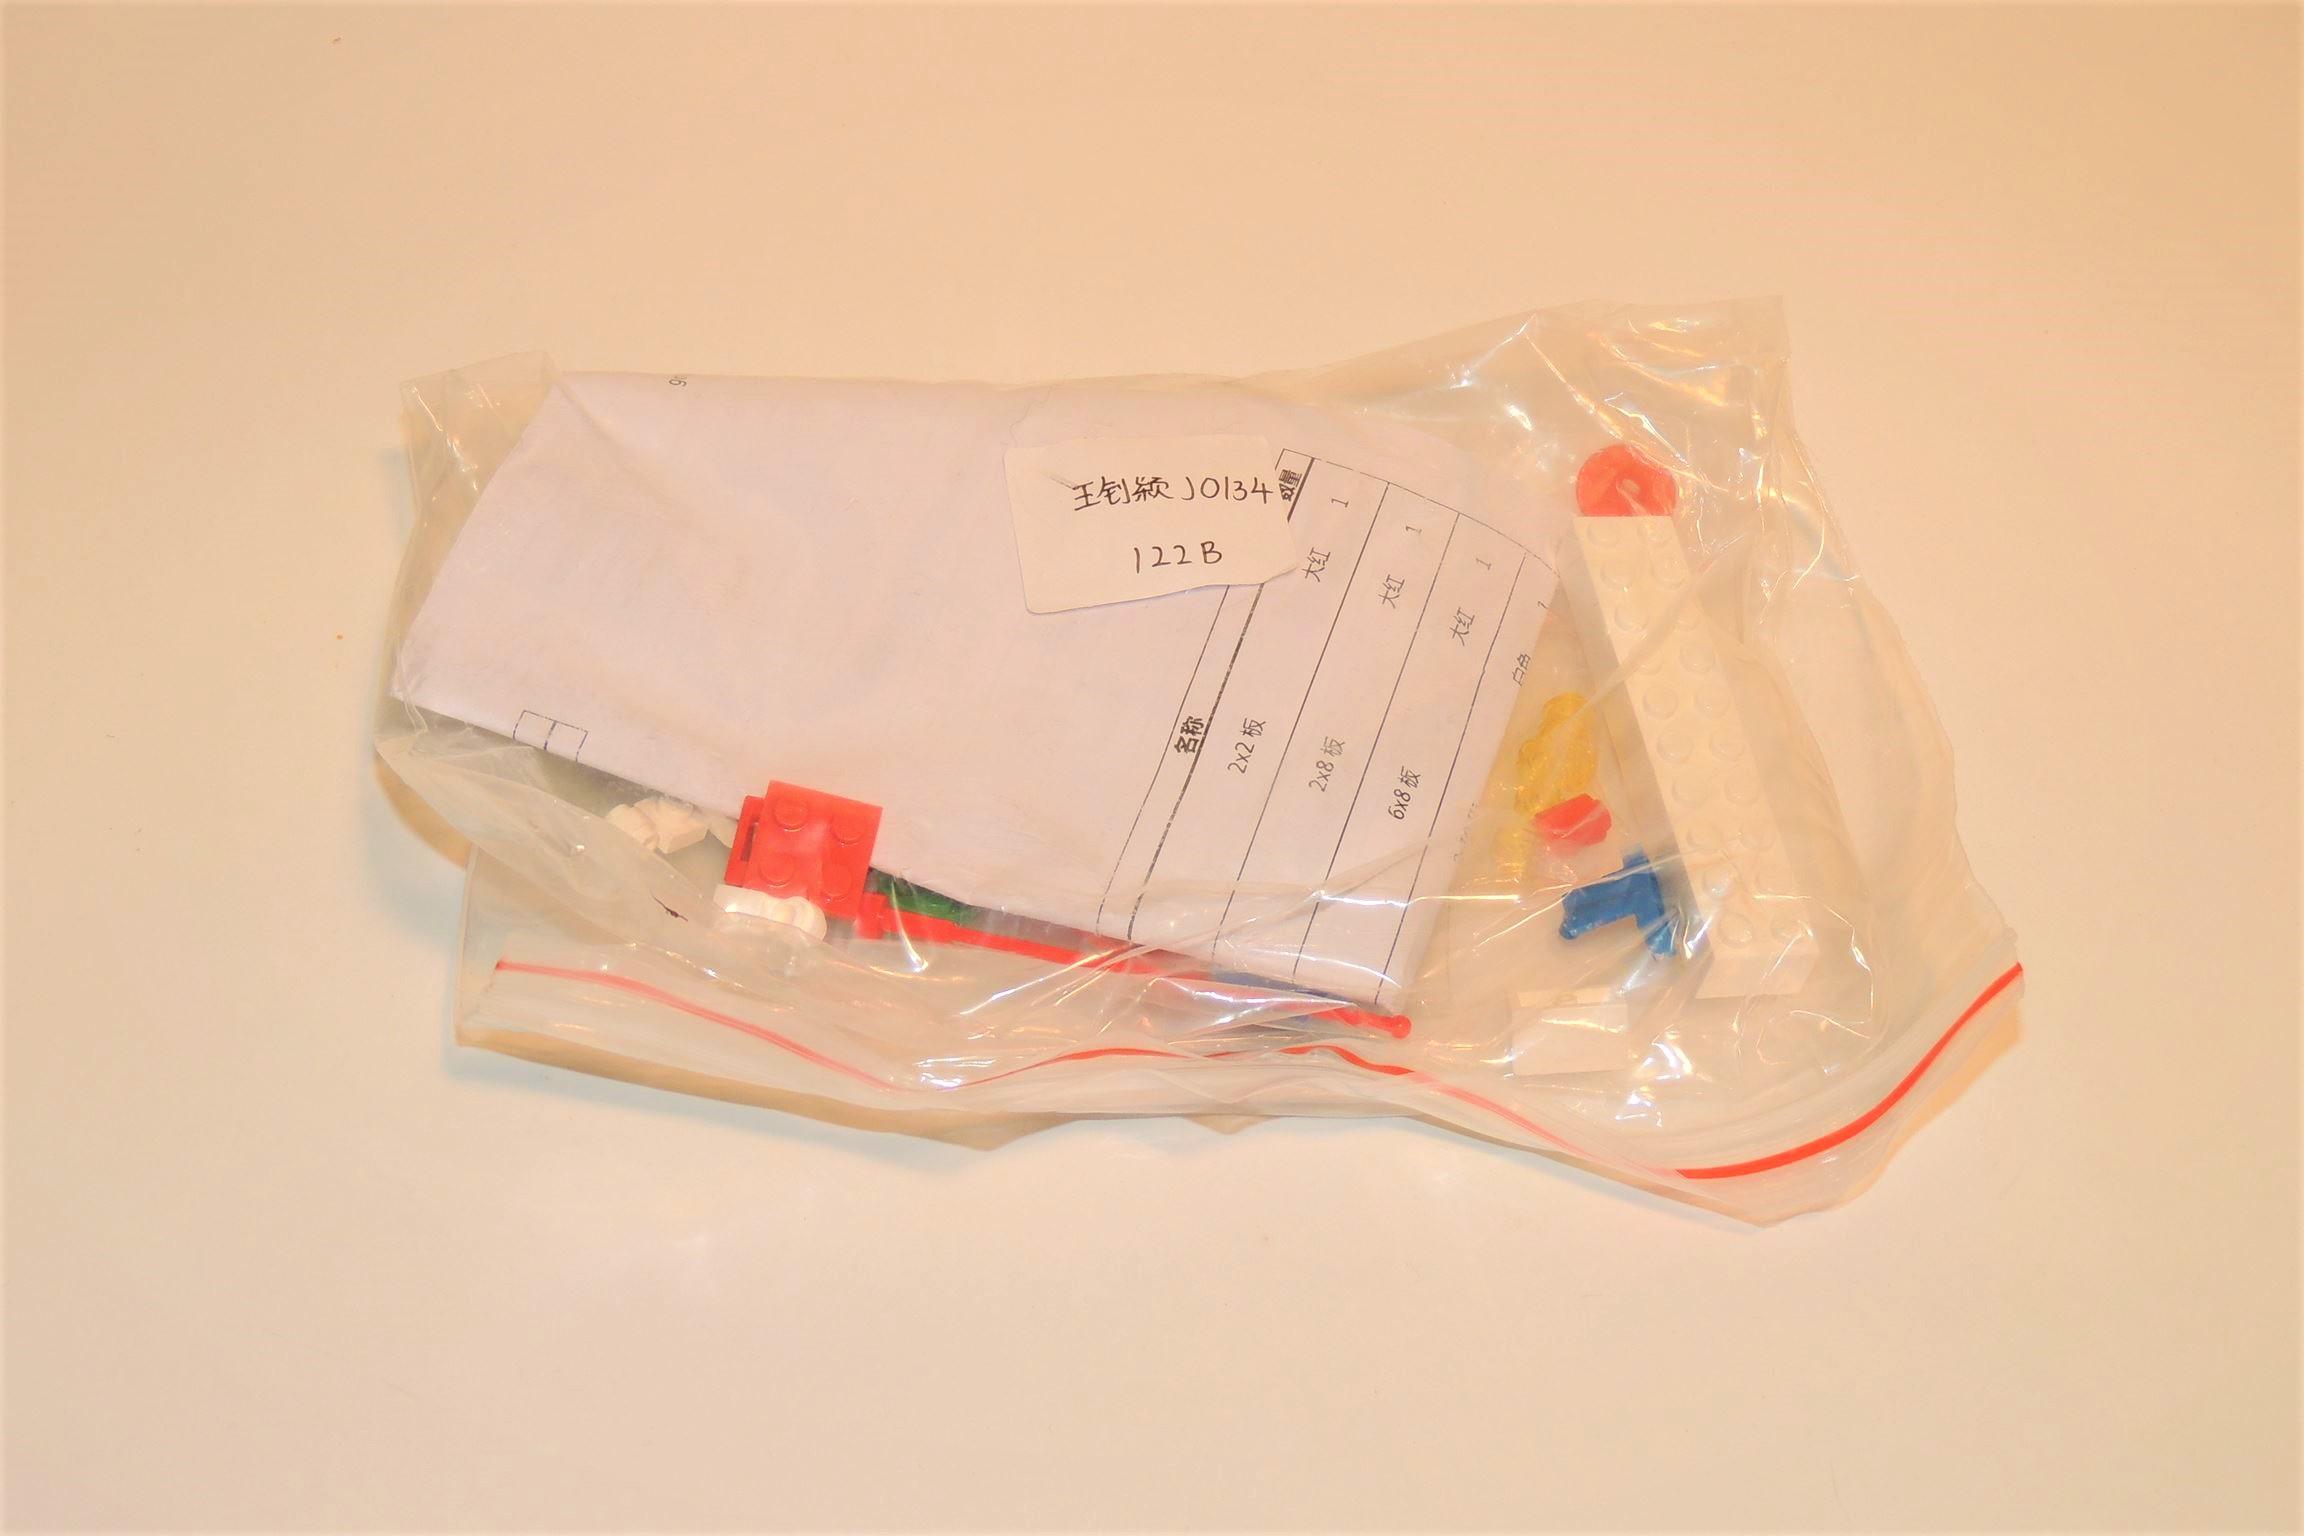 Auch in China sind Ziplockbeutel für Teile beliebt. Hier Gobricks von Joying Wang.